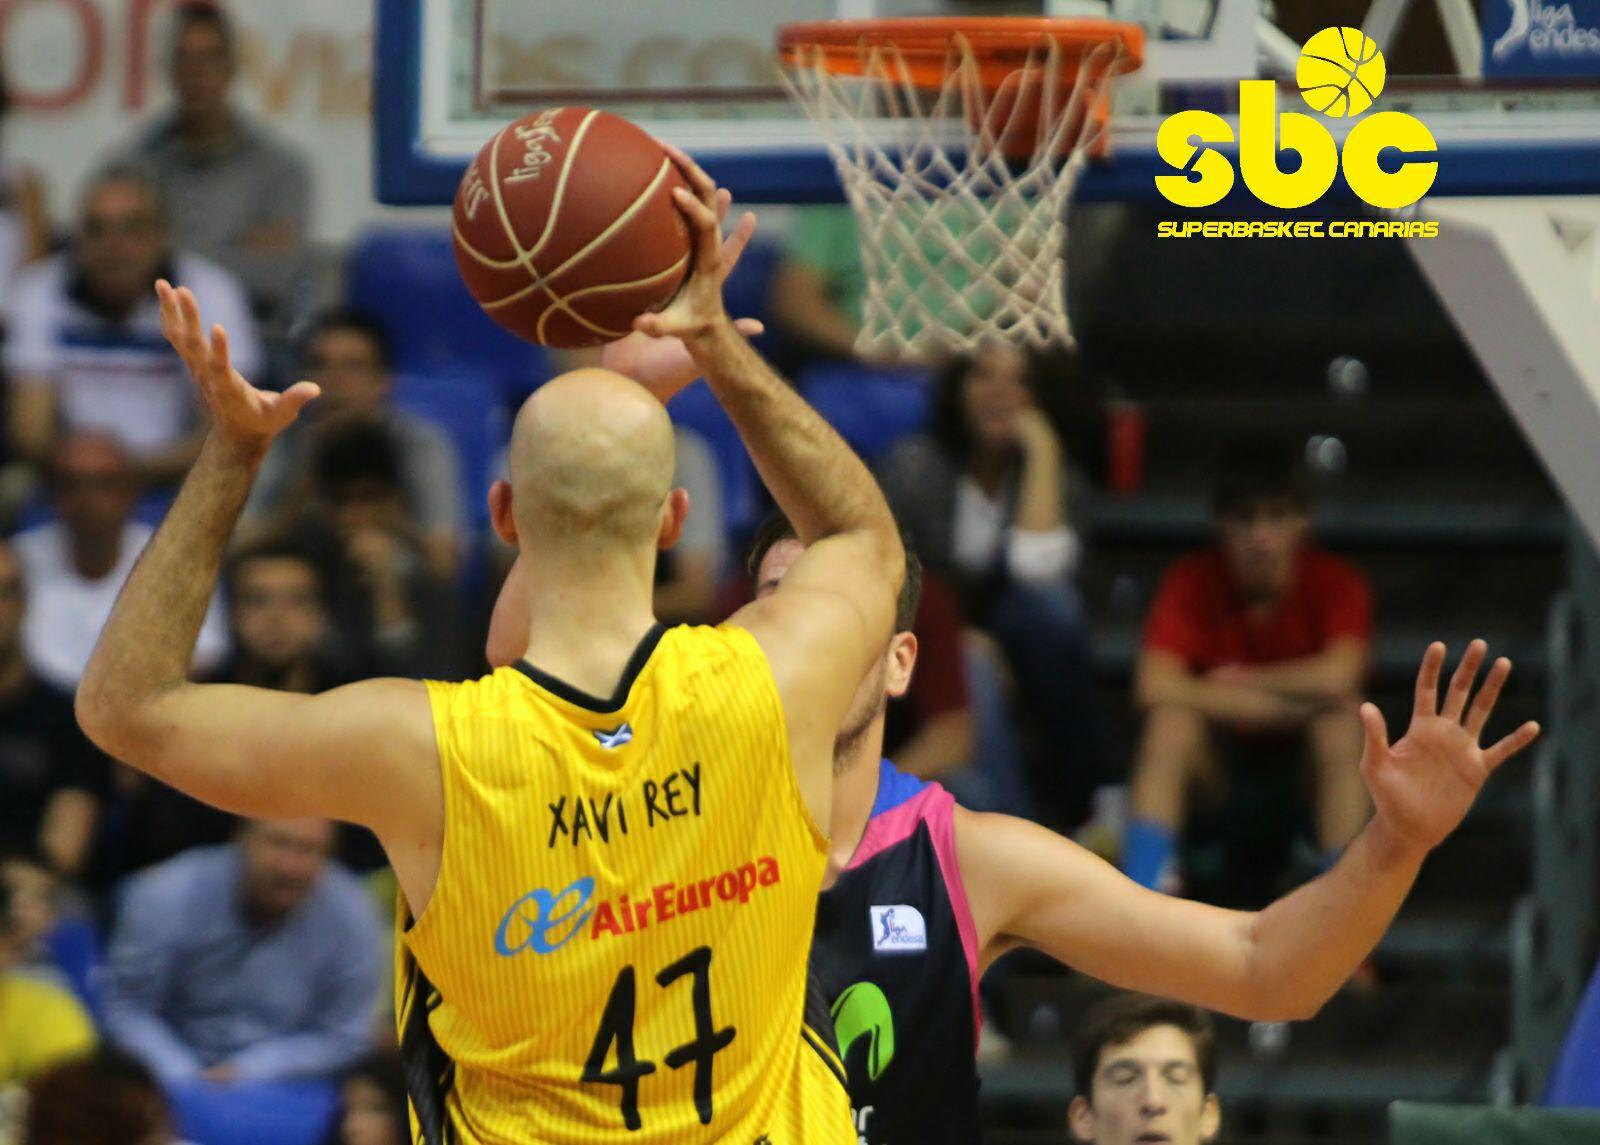 Xavi Rey le da la espalda al Canarias